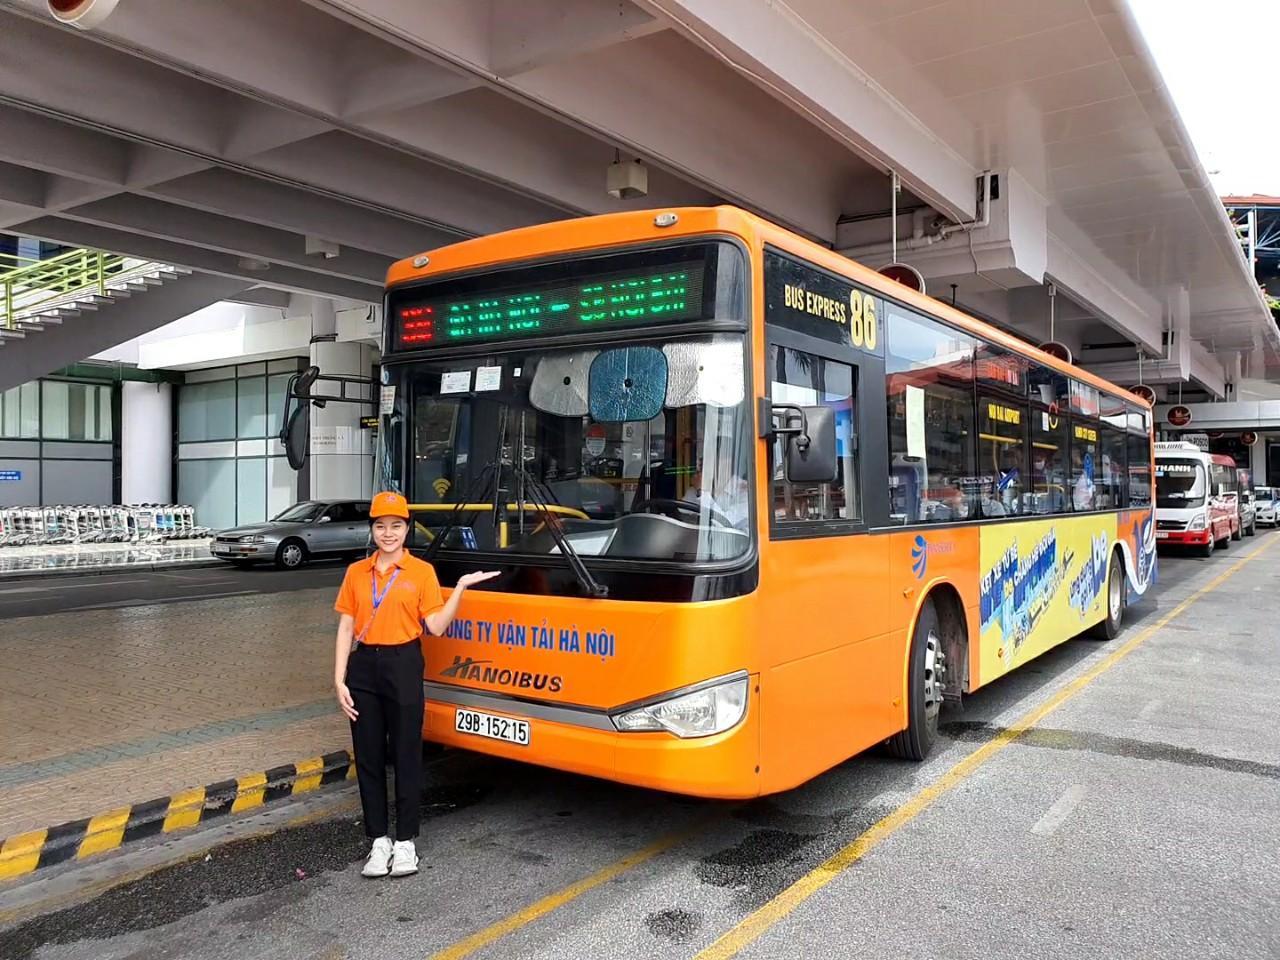 Lộ trình xe buýt 86 Hà Nội: Từ Ga Hà Nội đến Sân bay Nội Bài - Ảnh 1.